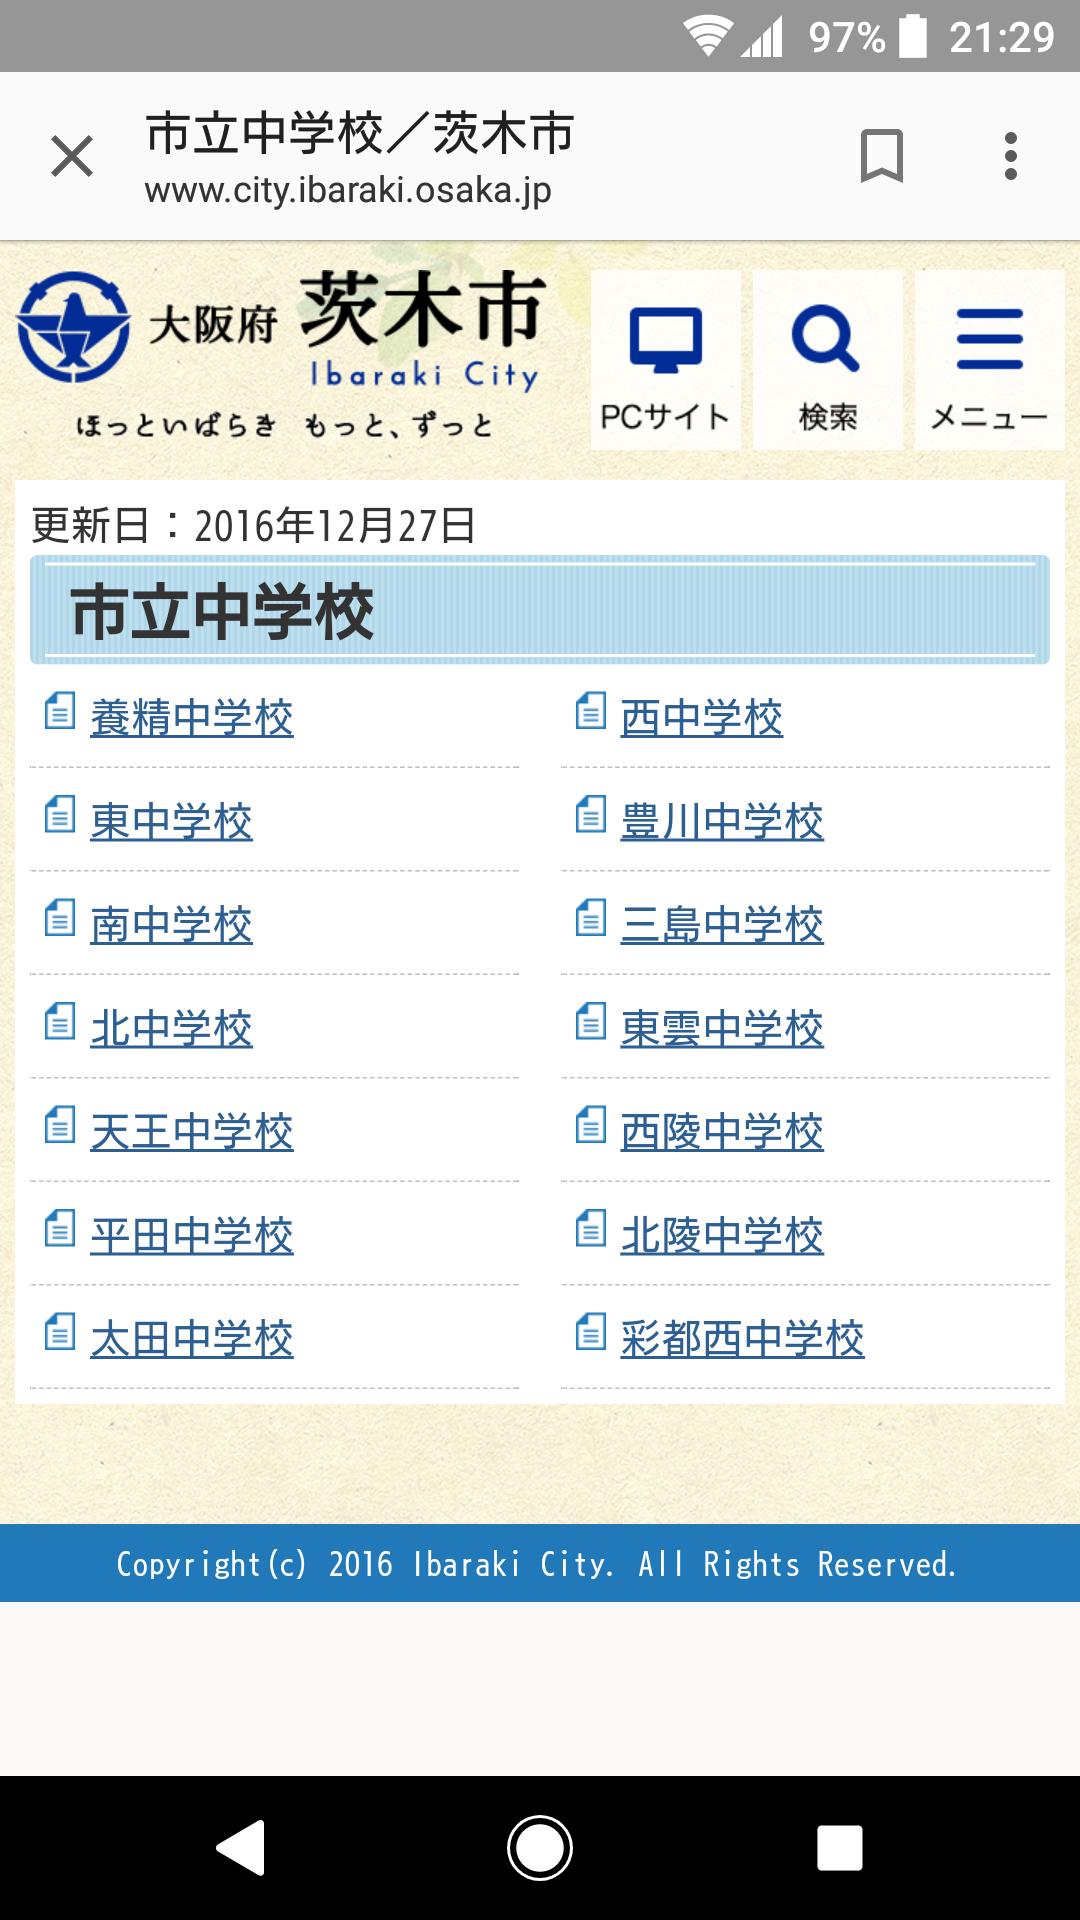 合格していたのに…内申書入力ミスで4人が大阪府立高不合格に 茨木市立中学校、132人分